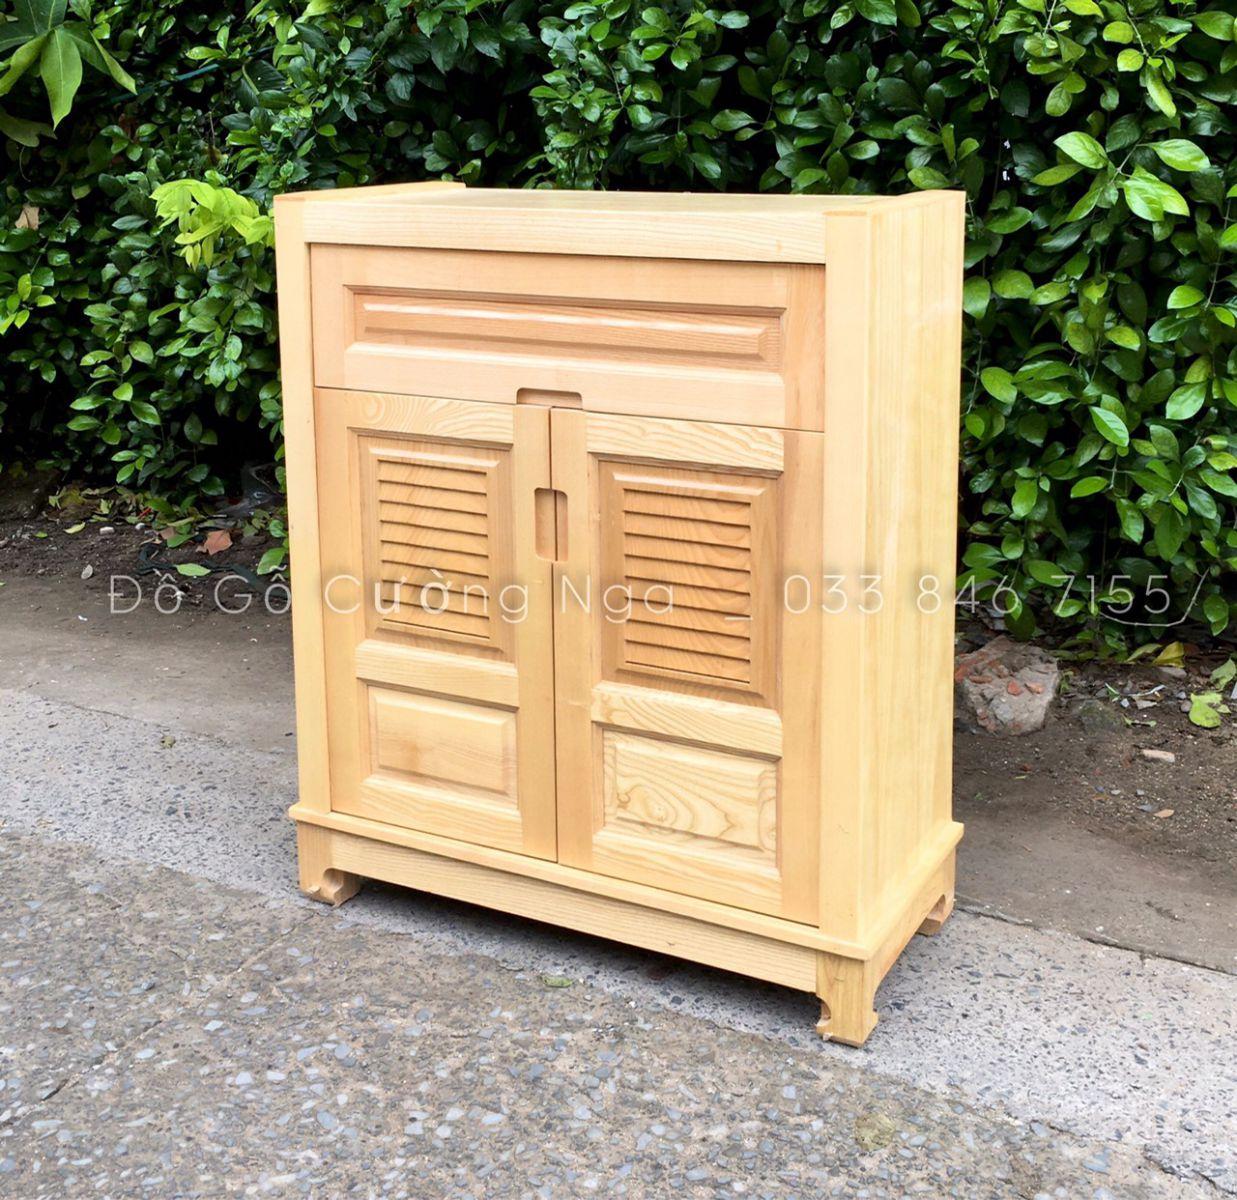 Tủ giày dép gỗ sồi nga 80 cm - 2 cánh giá rẻ